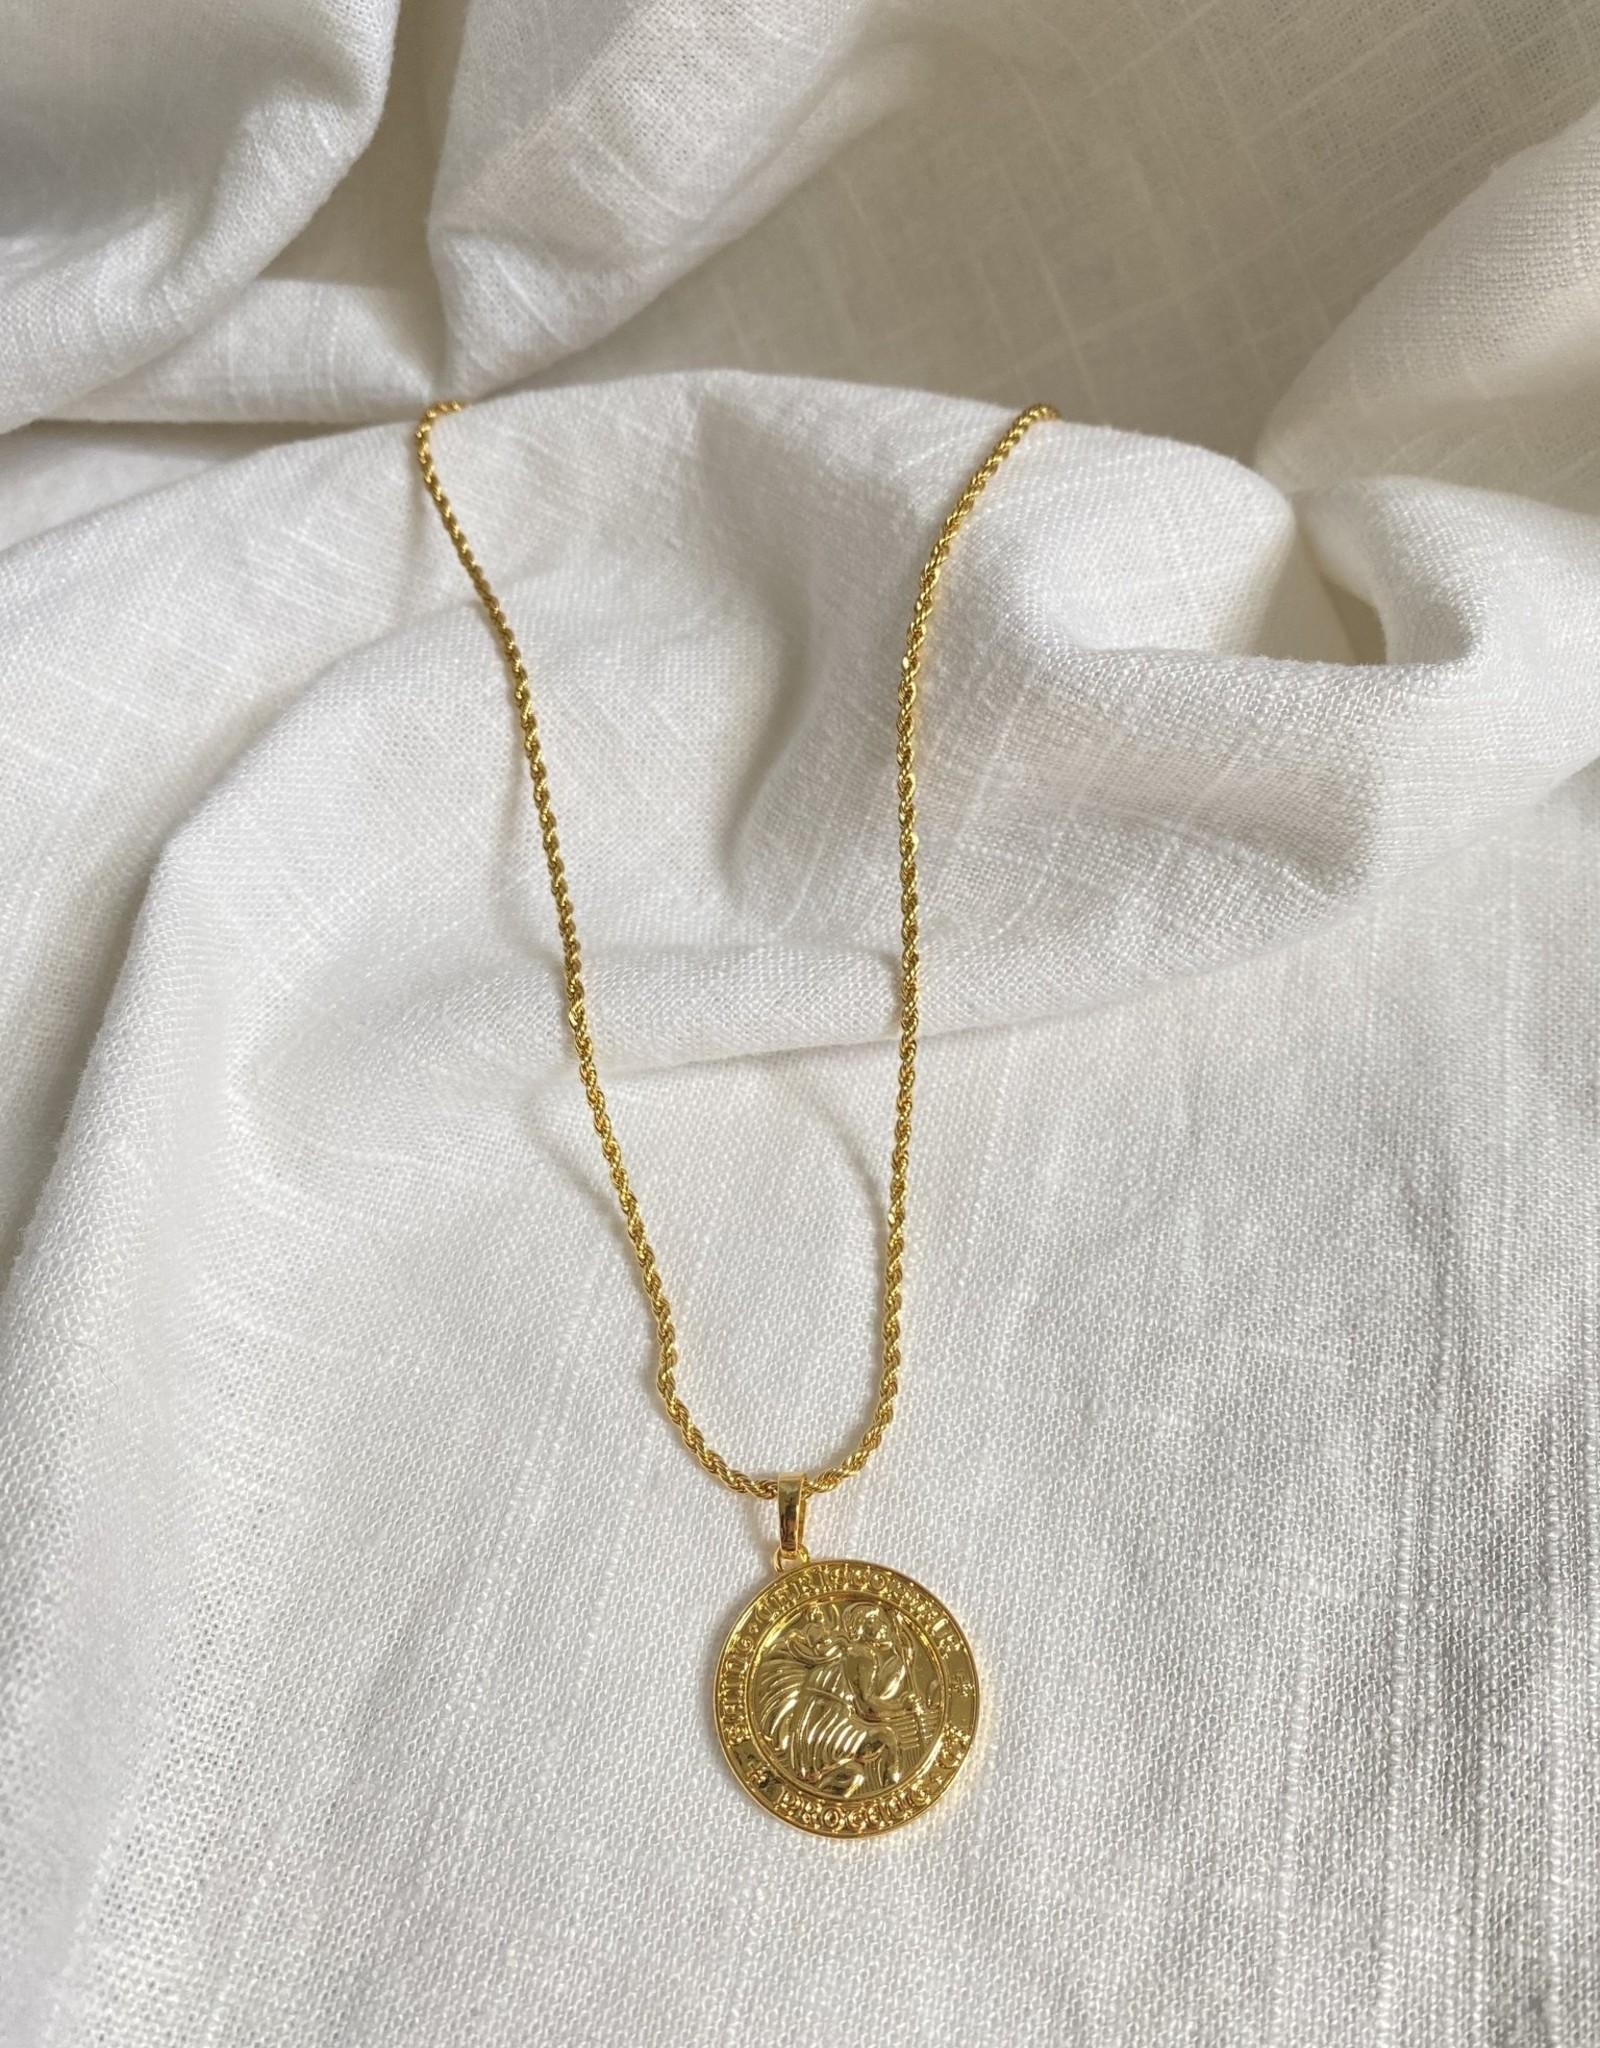 Bofemme Bofemme Travelers Necklace